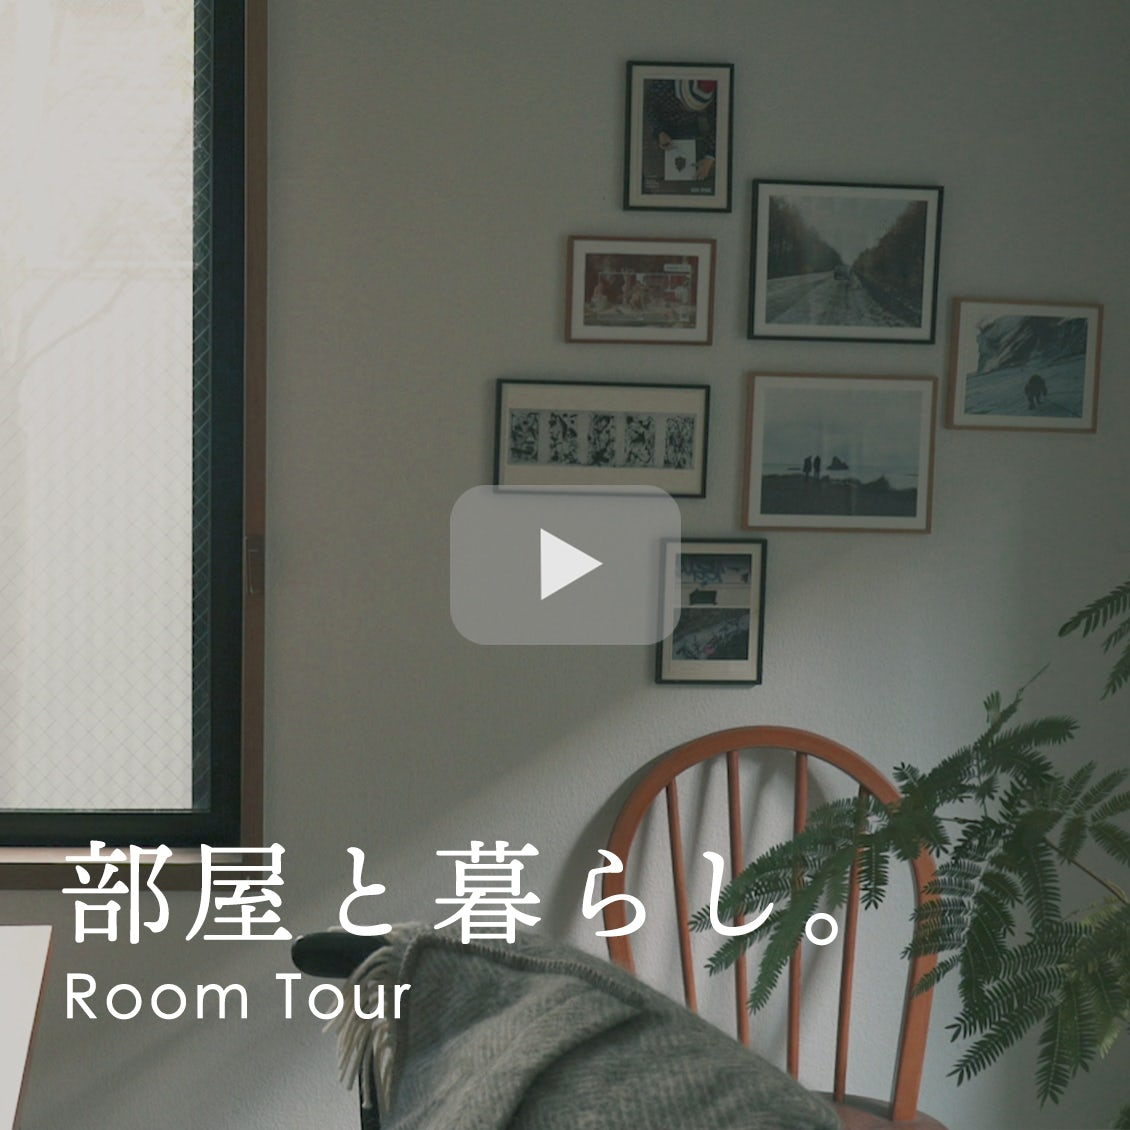 【新番組!】スタッフのお宅訪問&愛用品を紹介するルームツアー番組が始まります!